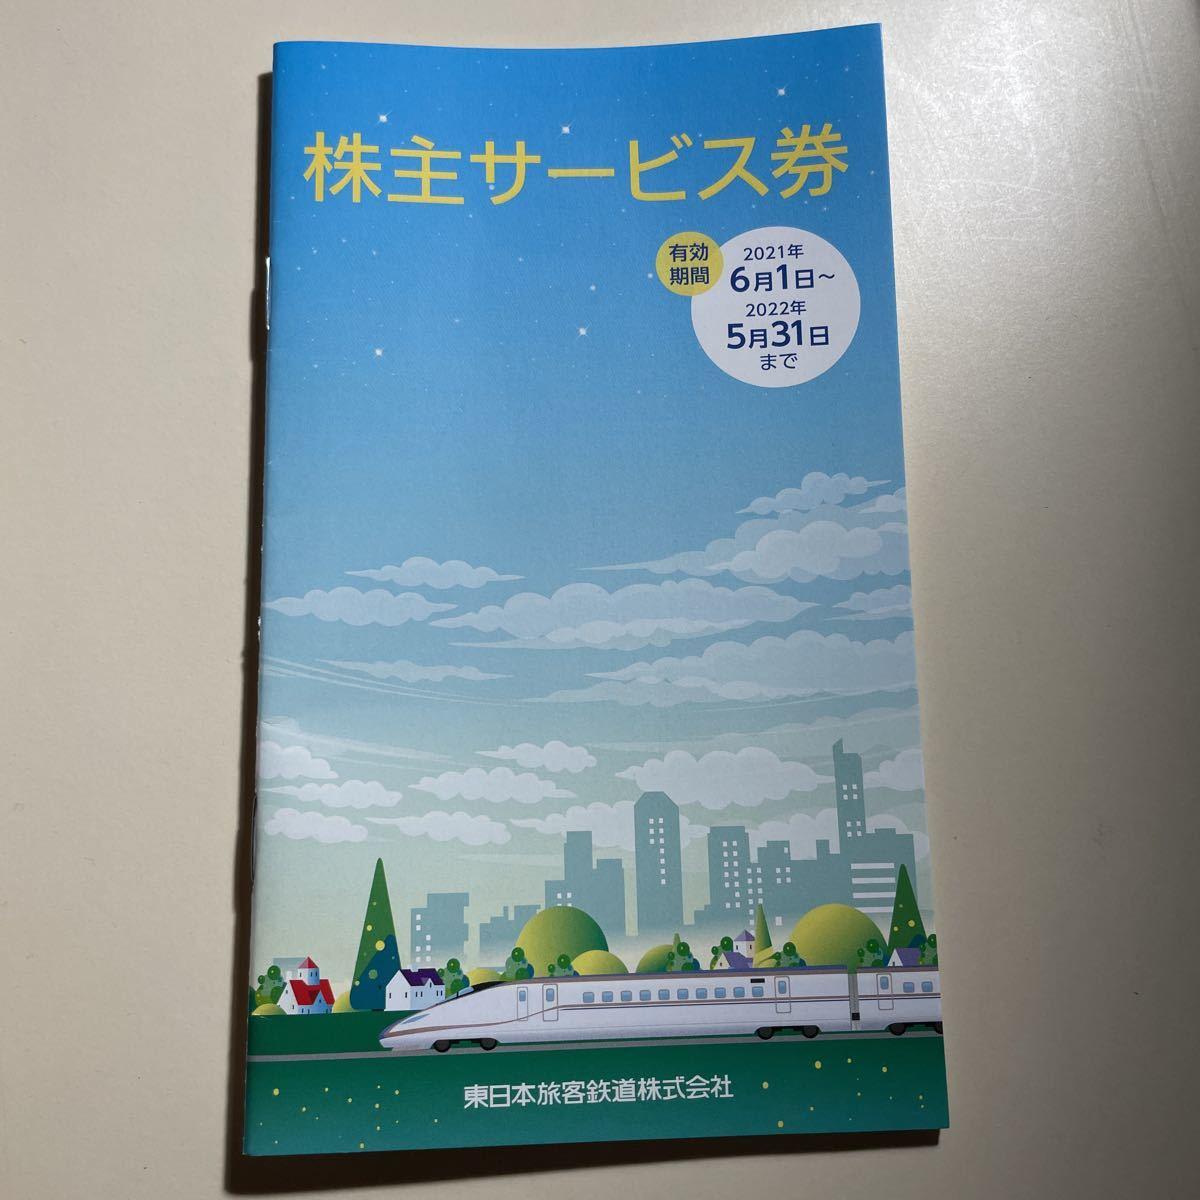 未使用品 JR東日本 株主サービス券 1冊 2022年5月31日迄 株主優待 割引券 クーポン_画像1